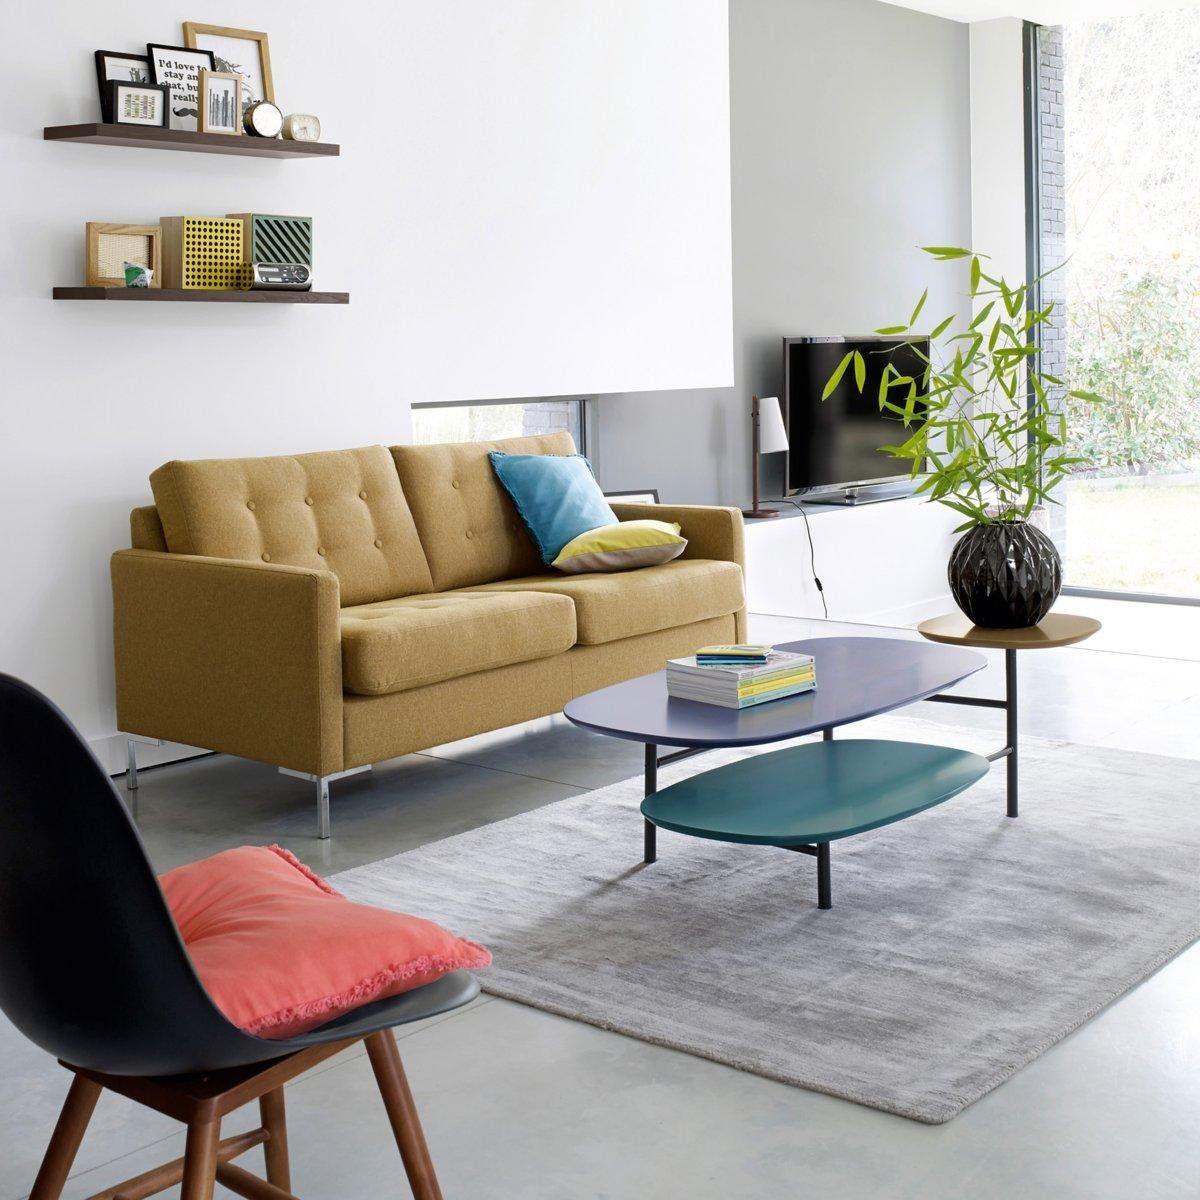 table basse 3 plateaux cr ateur guillaume delvigne sam baron meubles et d co la redoute. Black Bedroom Furniture Sets. Home Design Ideas